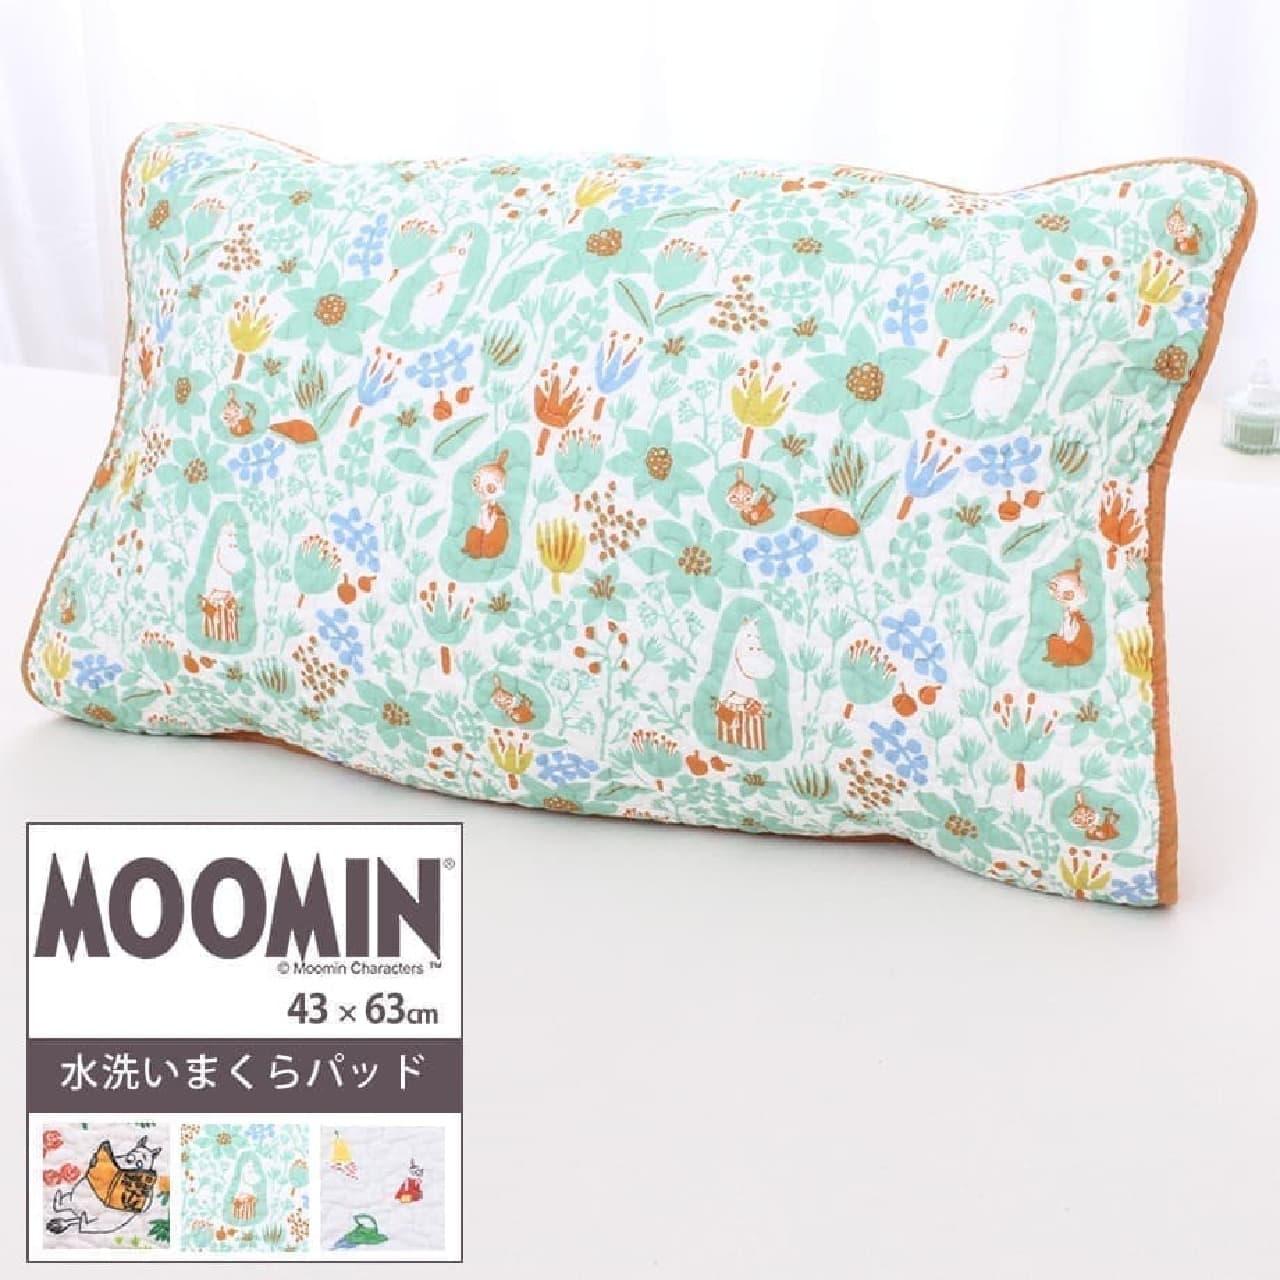 ムーミン ふんわり柔らかい 綿100% 水洗い枕パッド